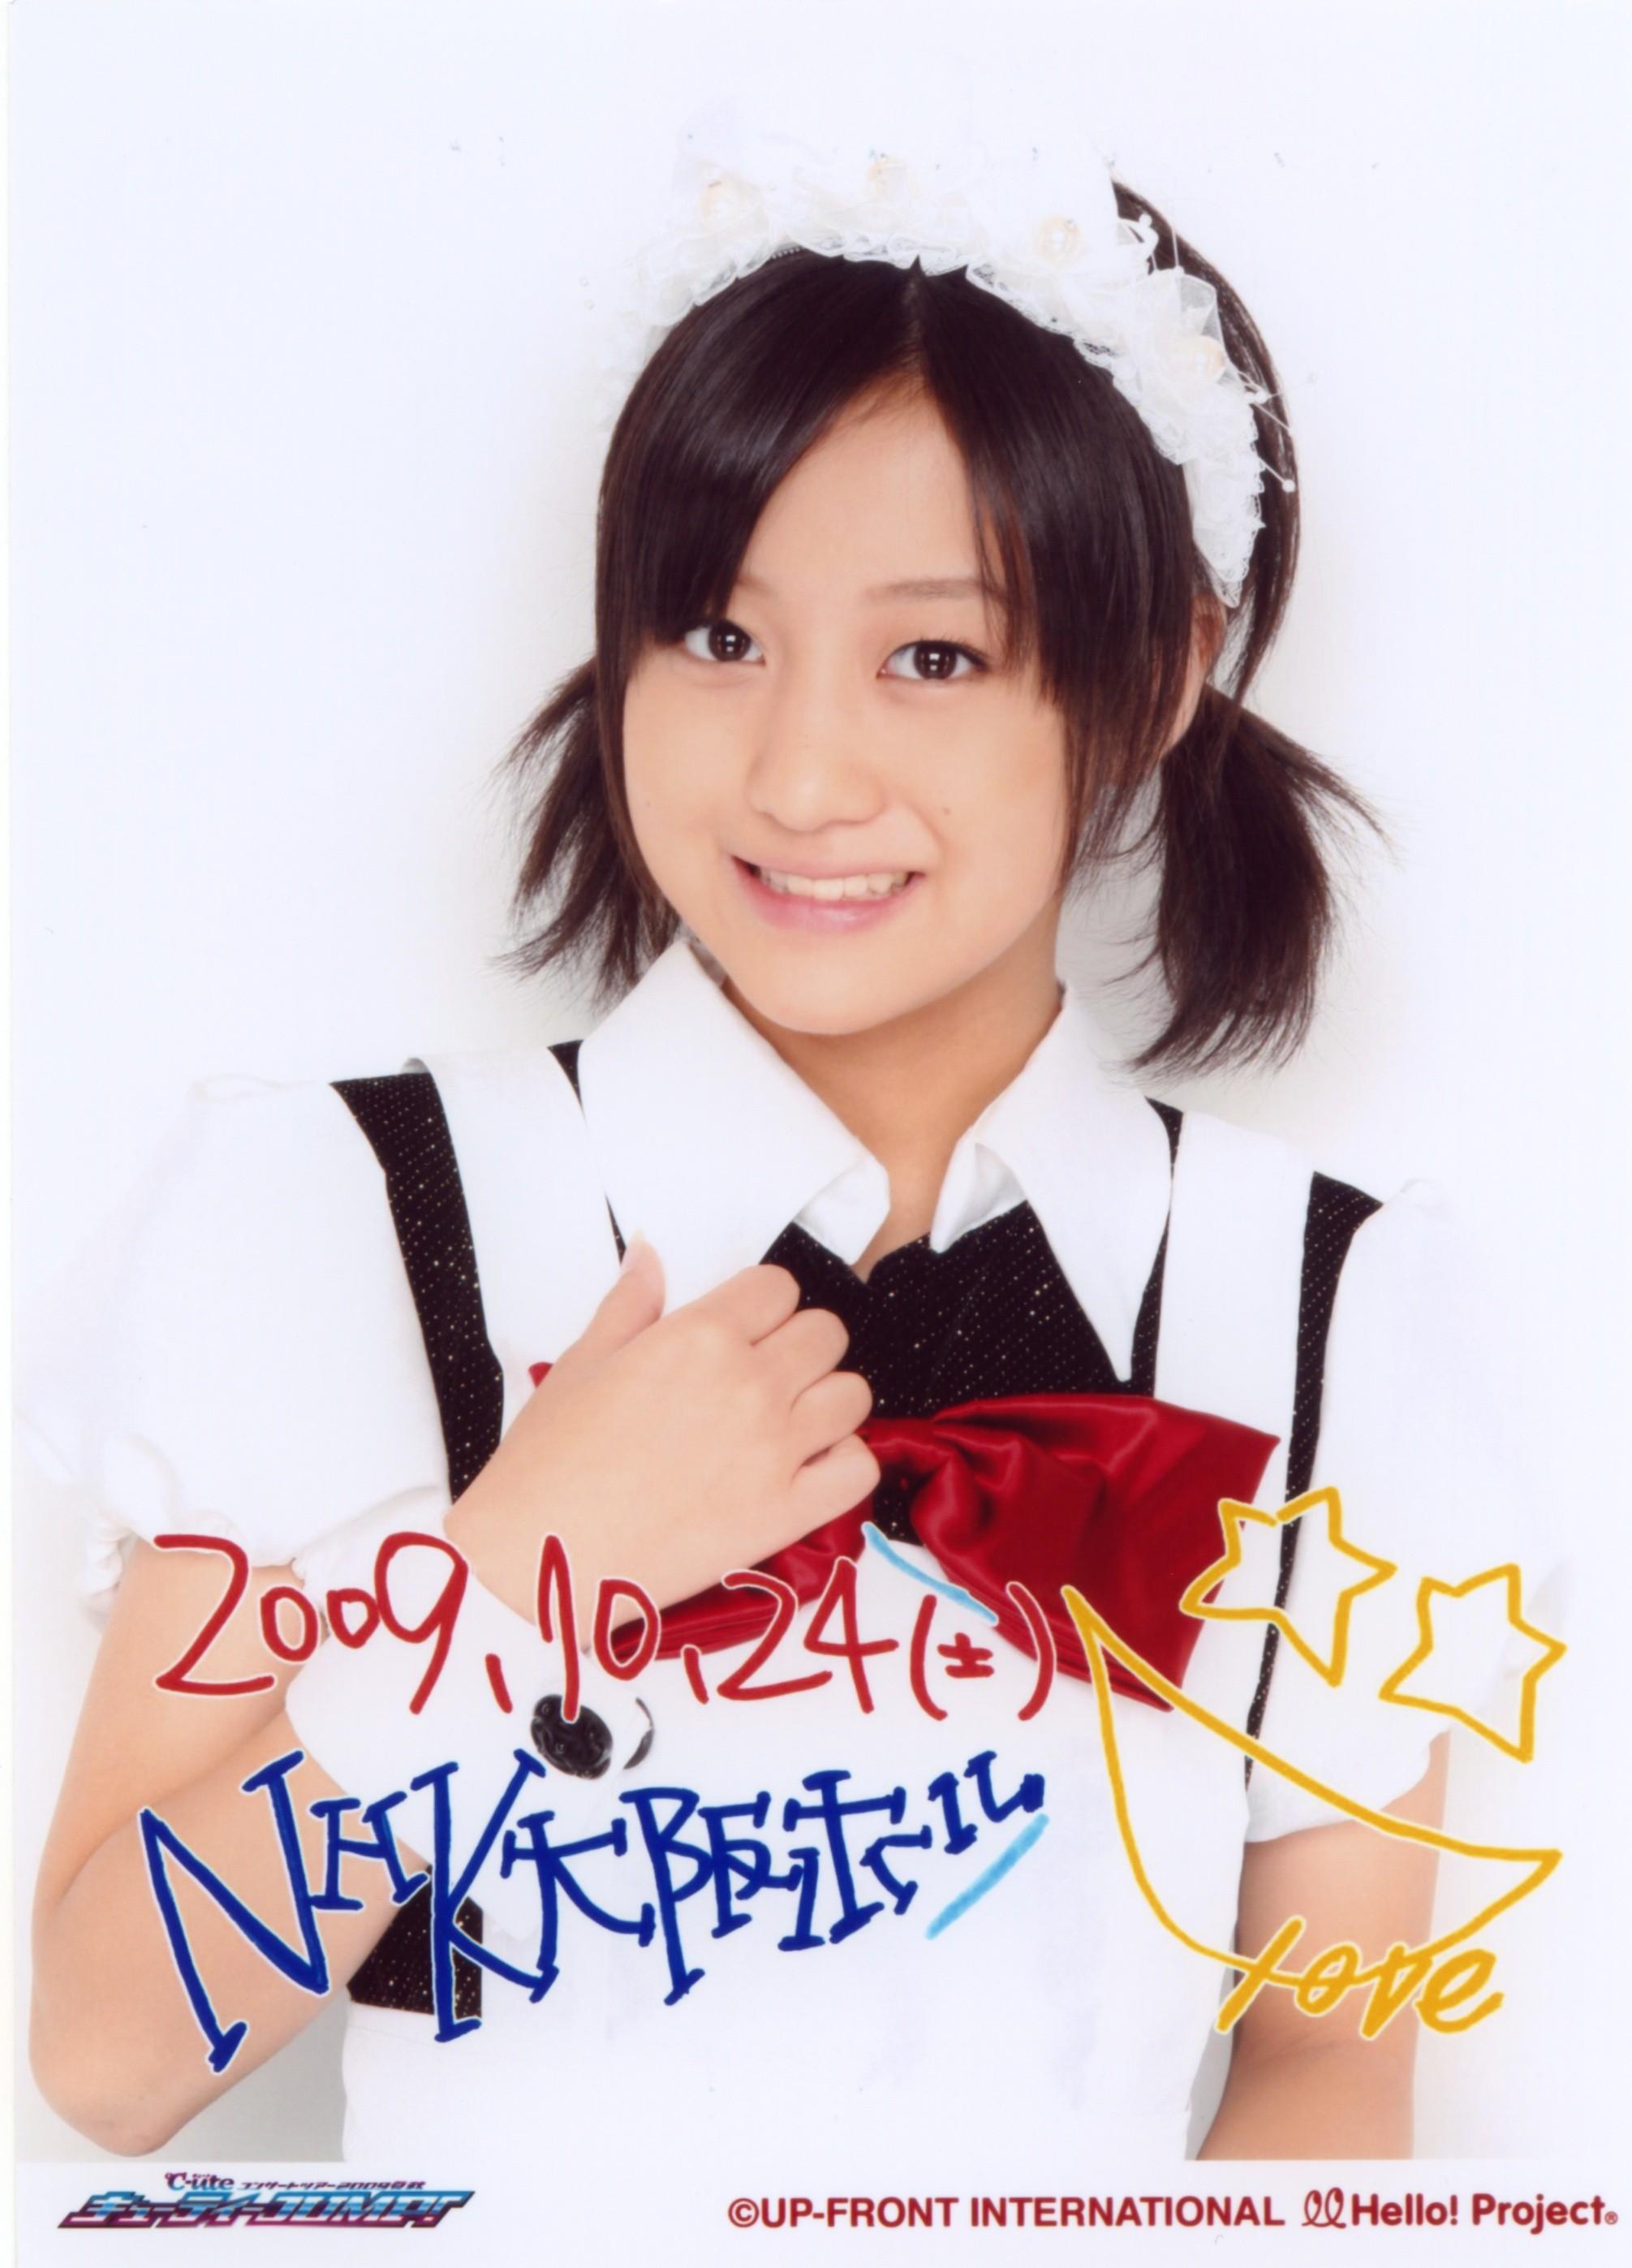 日替わり2L判生写真 10月24日 NHK大阪ホール 萩原舞ちゃん